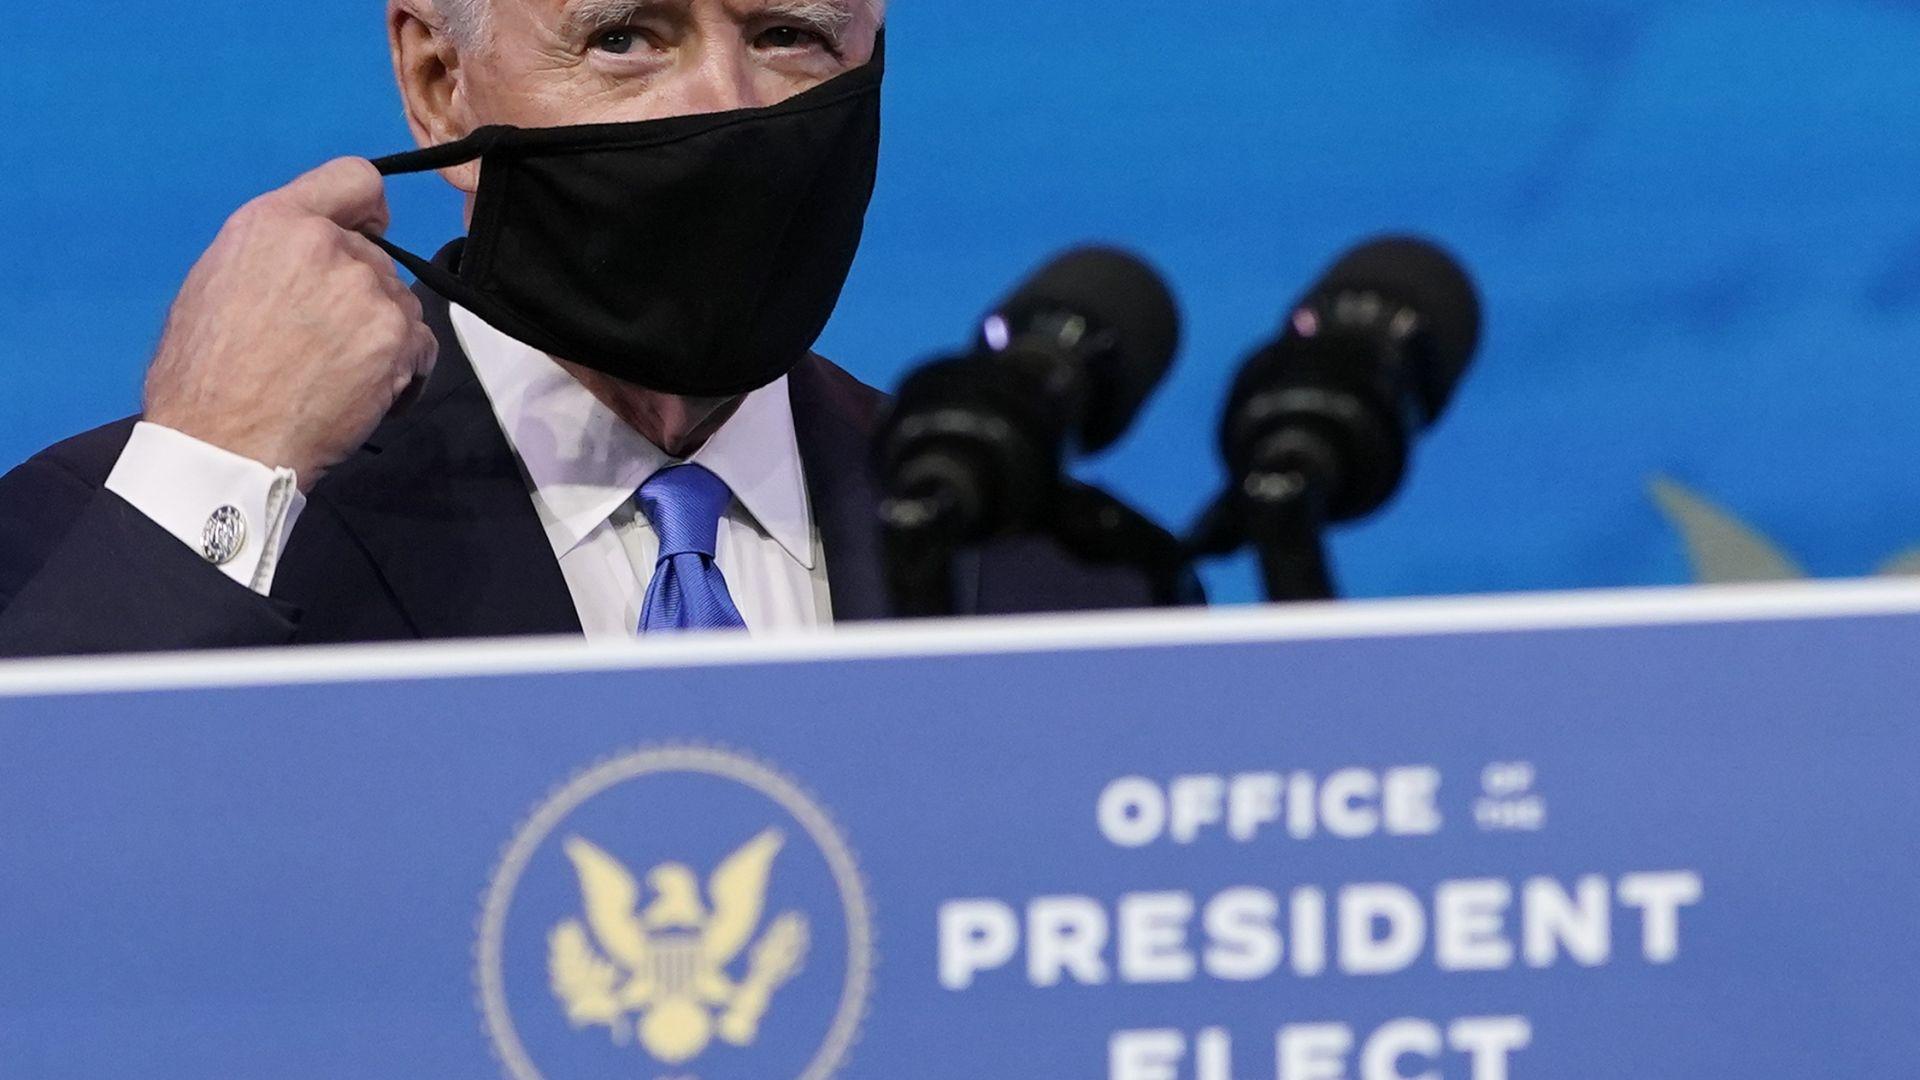 Байдън обяви климатичния си екип и предупреди: Хора, в криза сме, няма време за губене!